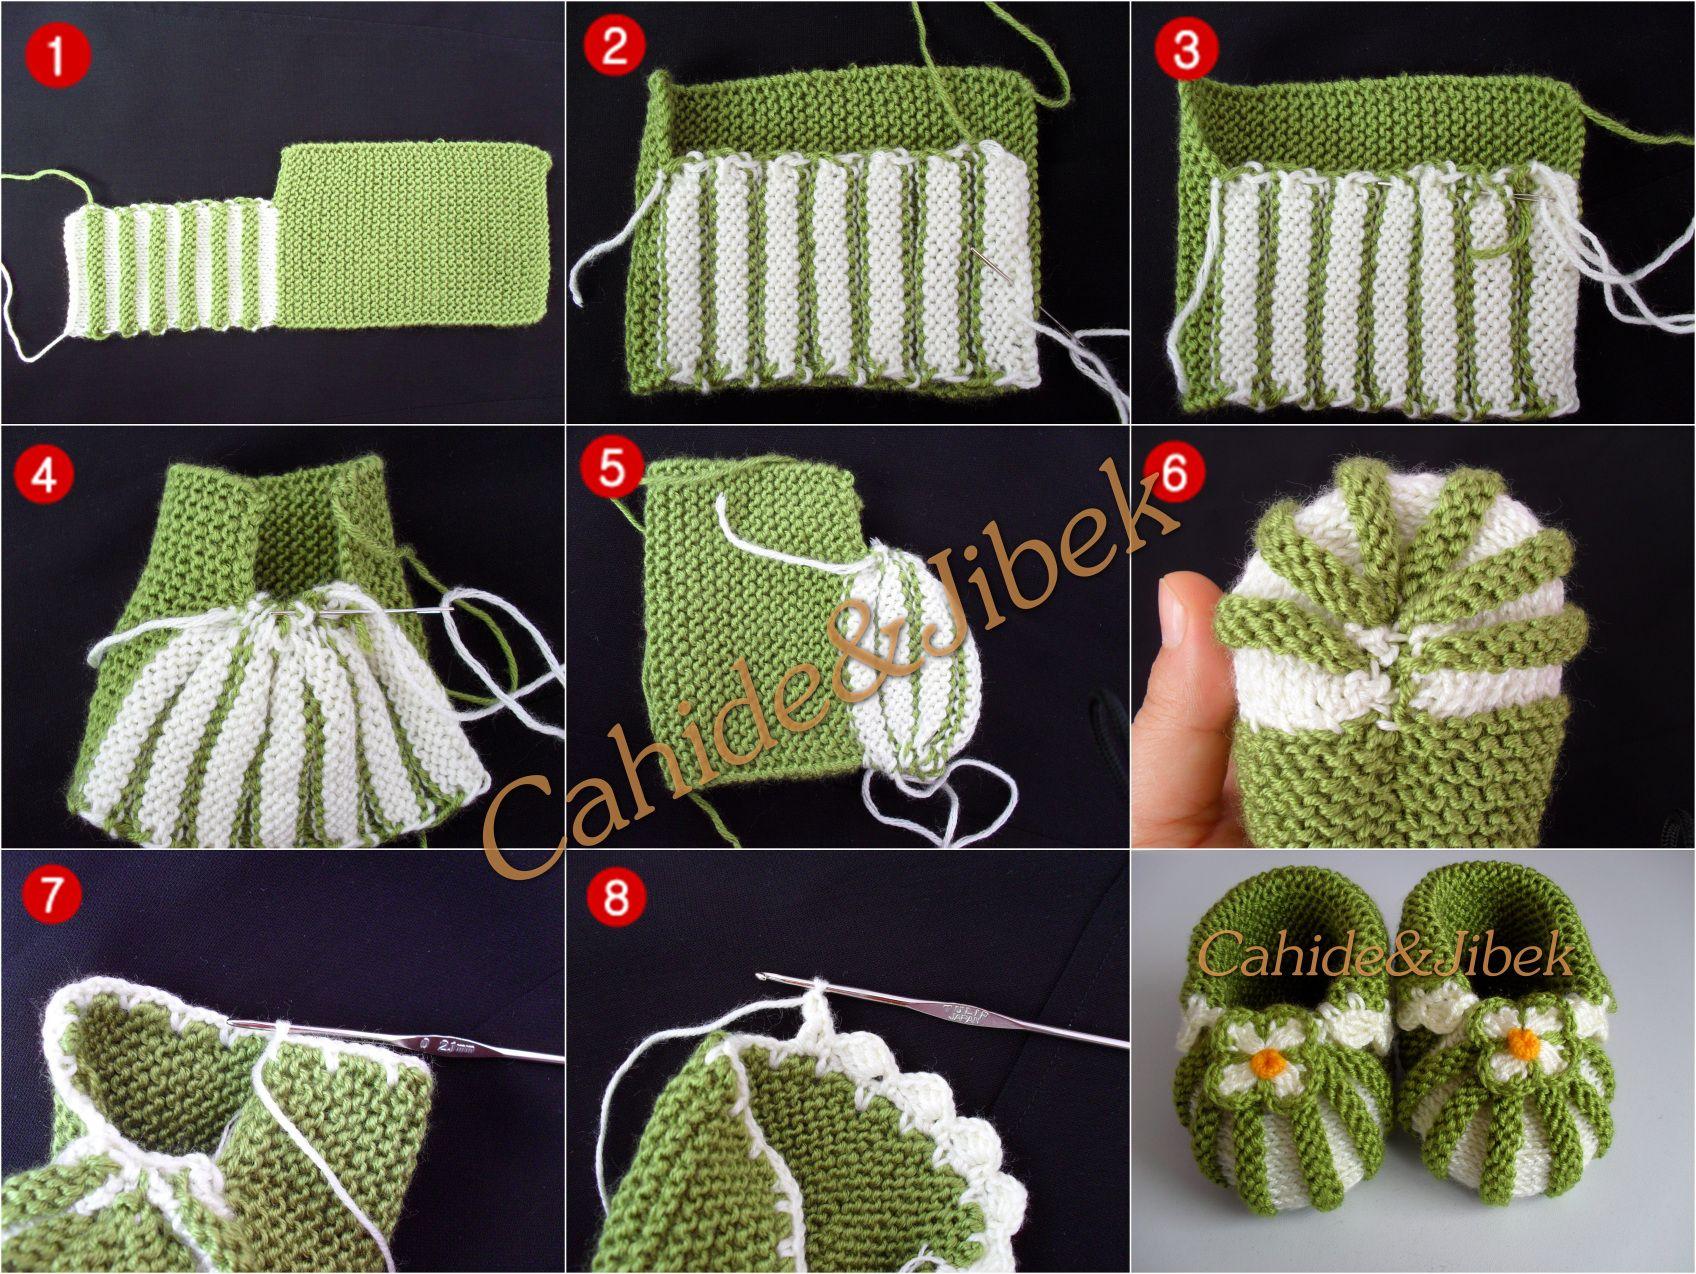 Пинетки - зефирки спицами, 7 авторских описаний со схемами вязания,  вязание для детей